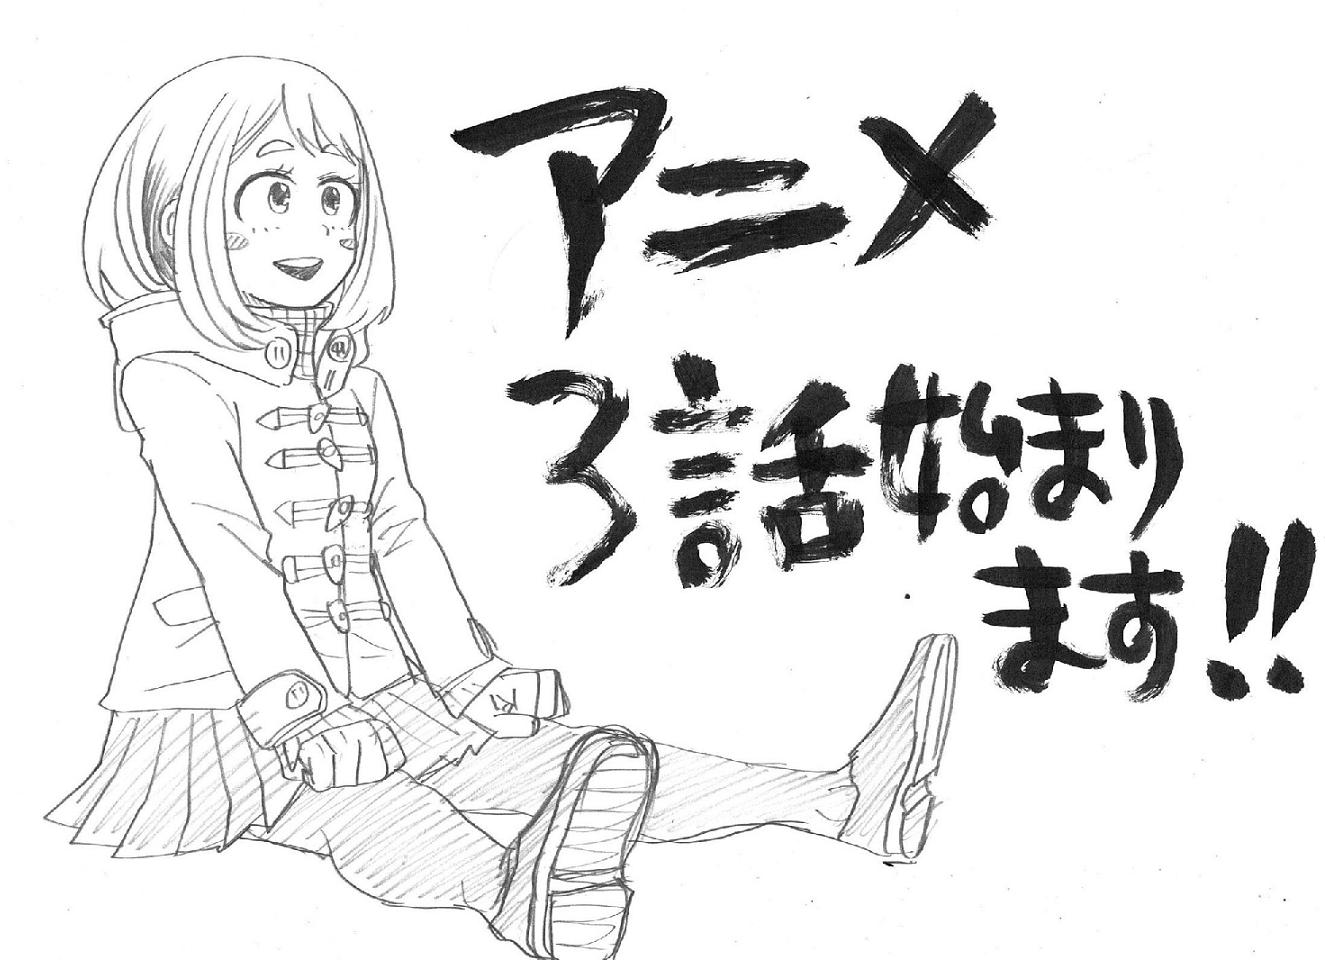 Episode 3 Sketch